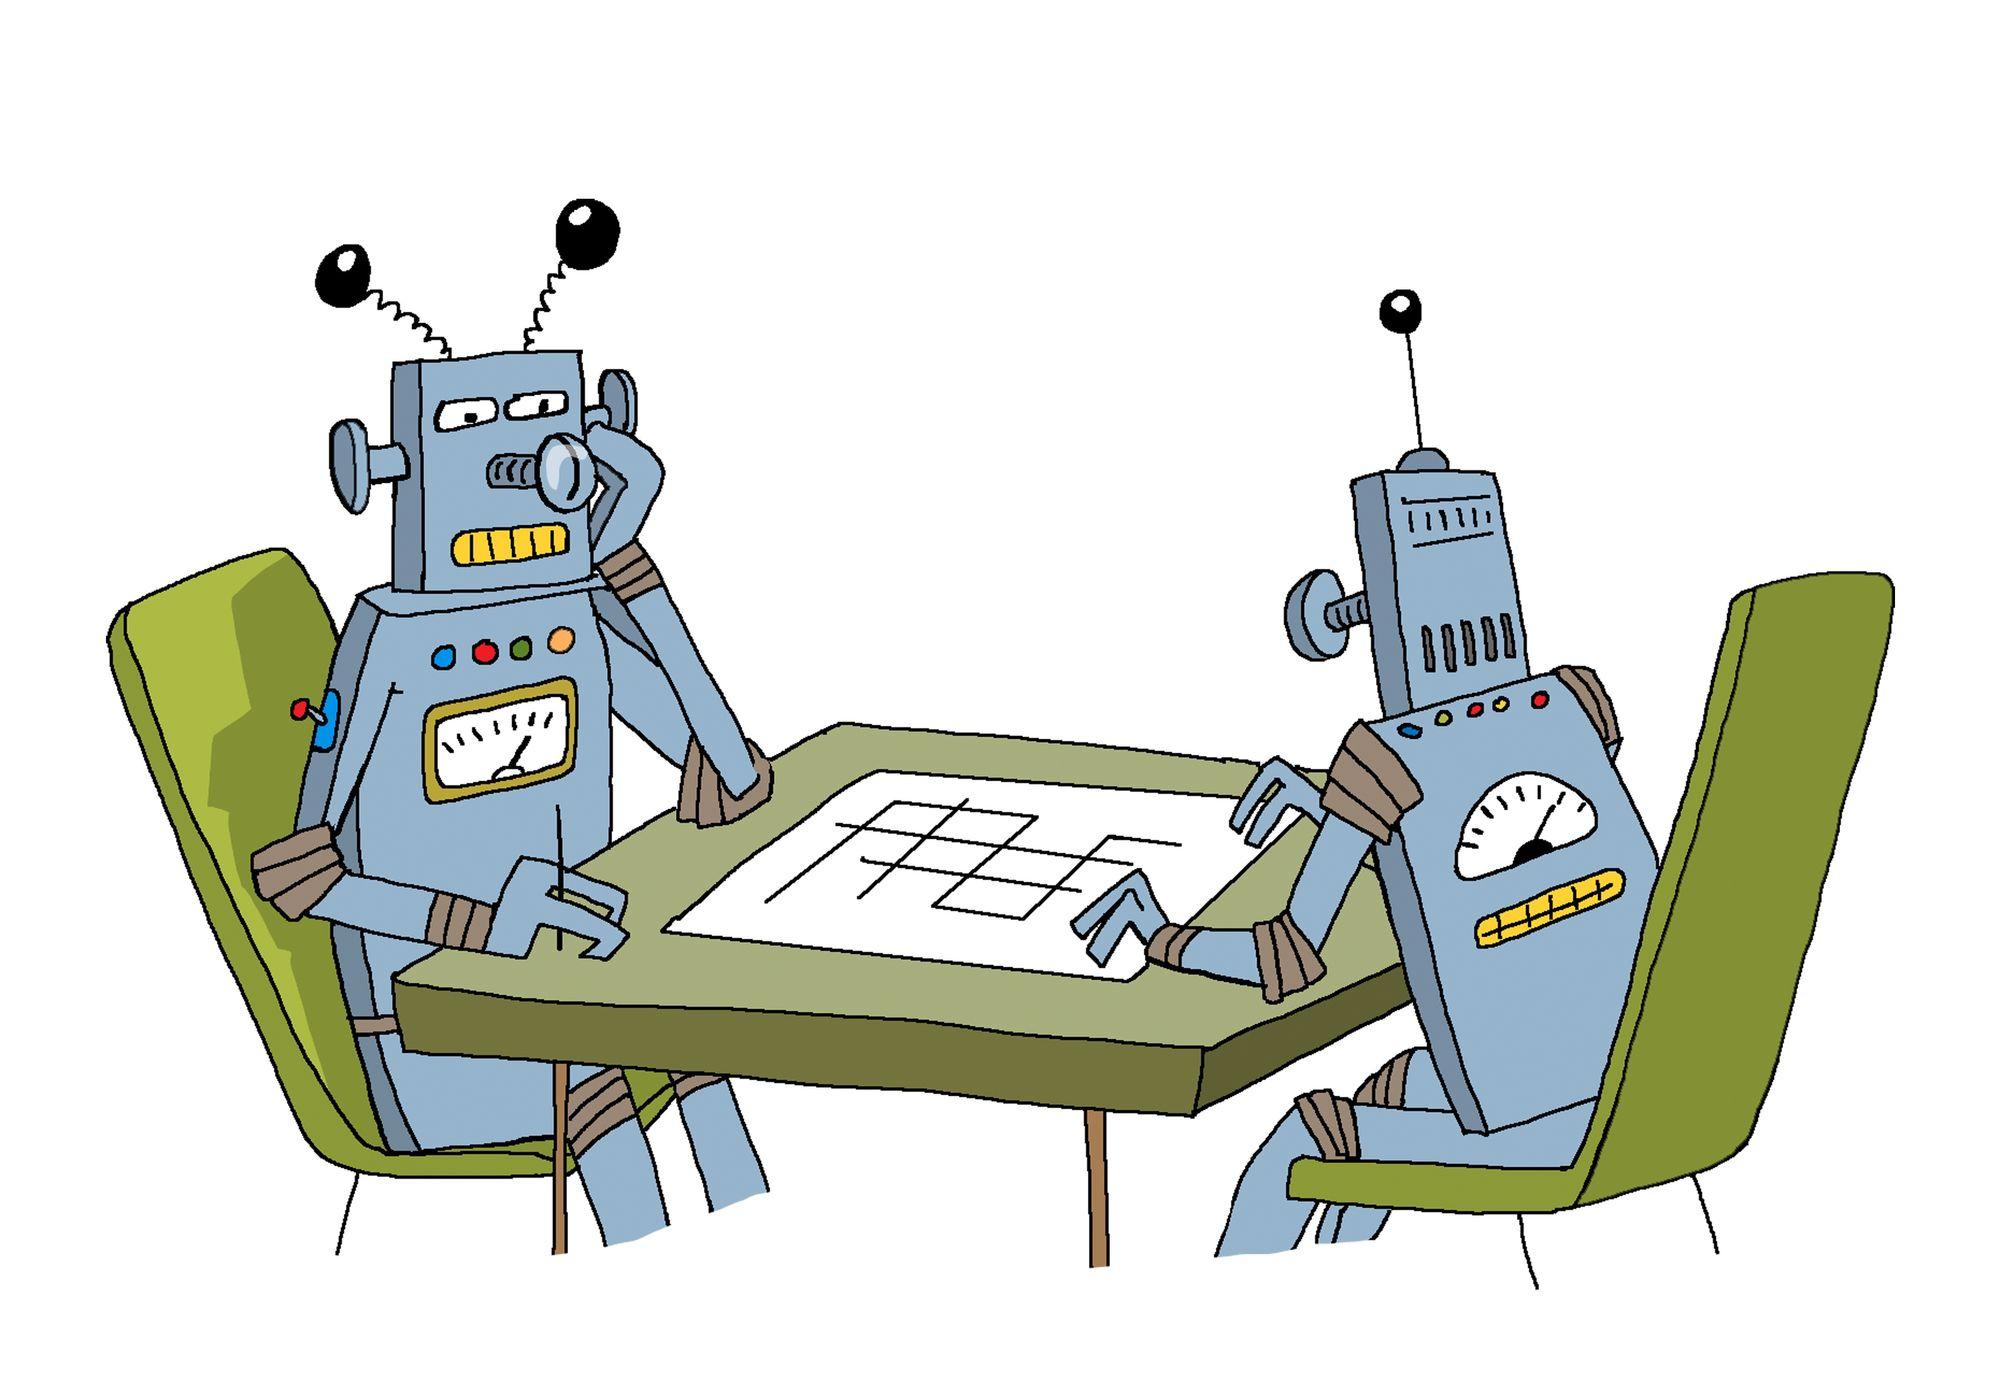 Dersom en robot skal gjøre jobben for en automasjonsingeniør har ingeniøren et problem med å henge med i utviklingen, skriver Håkon Langdal.